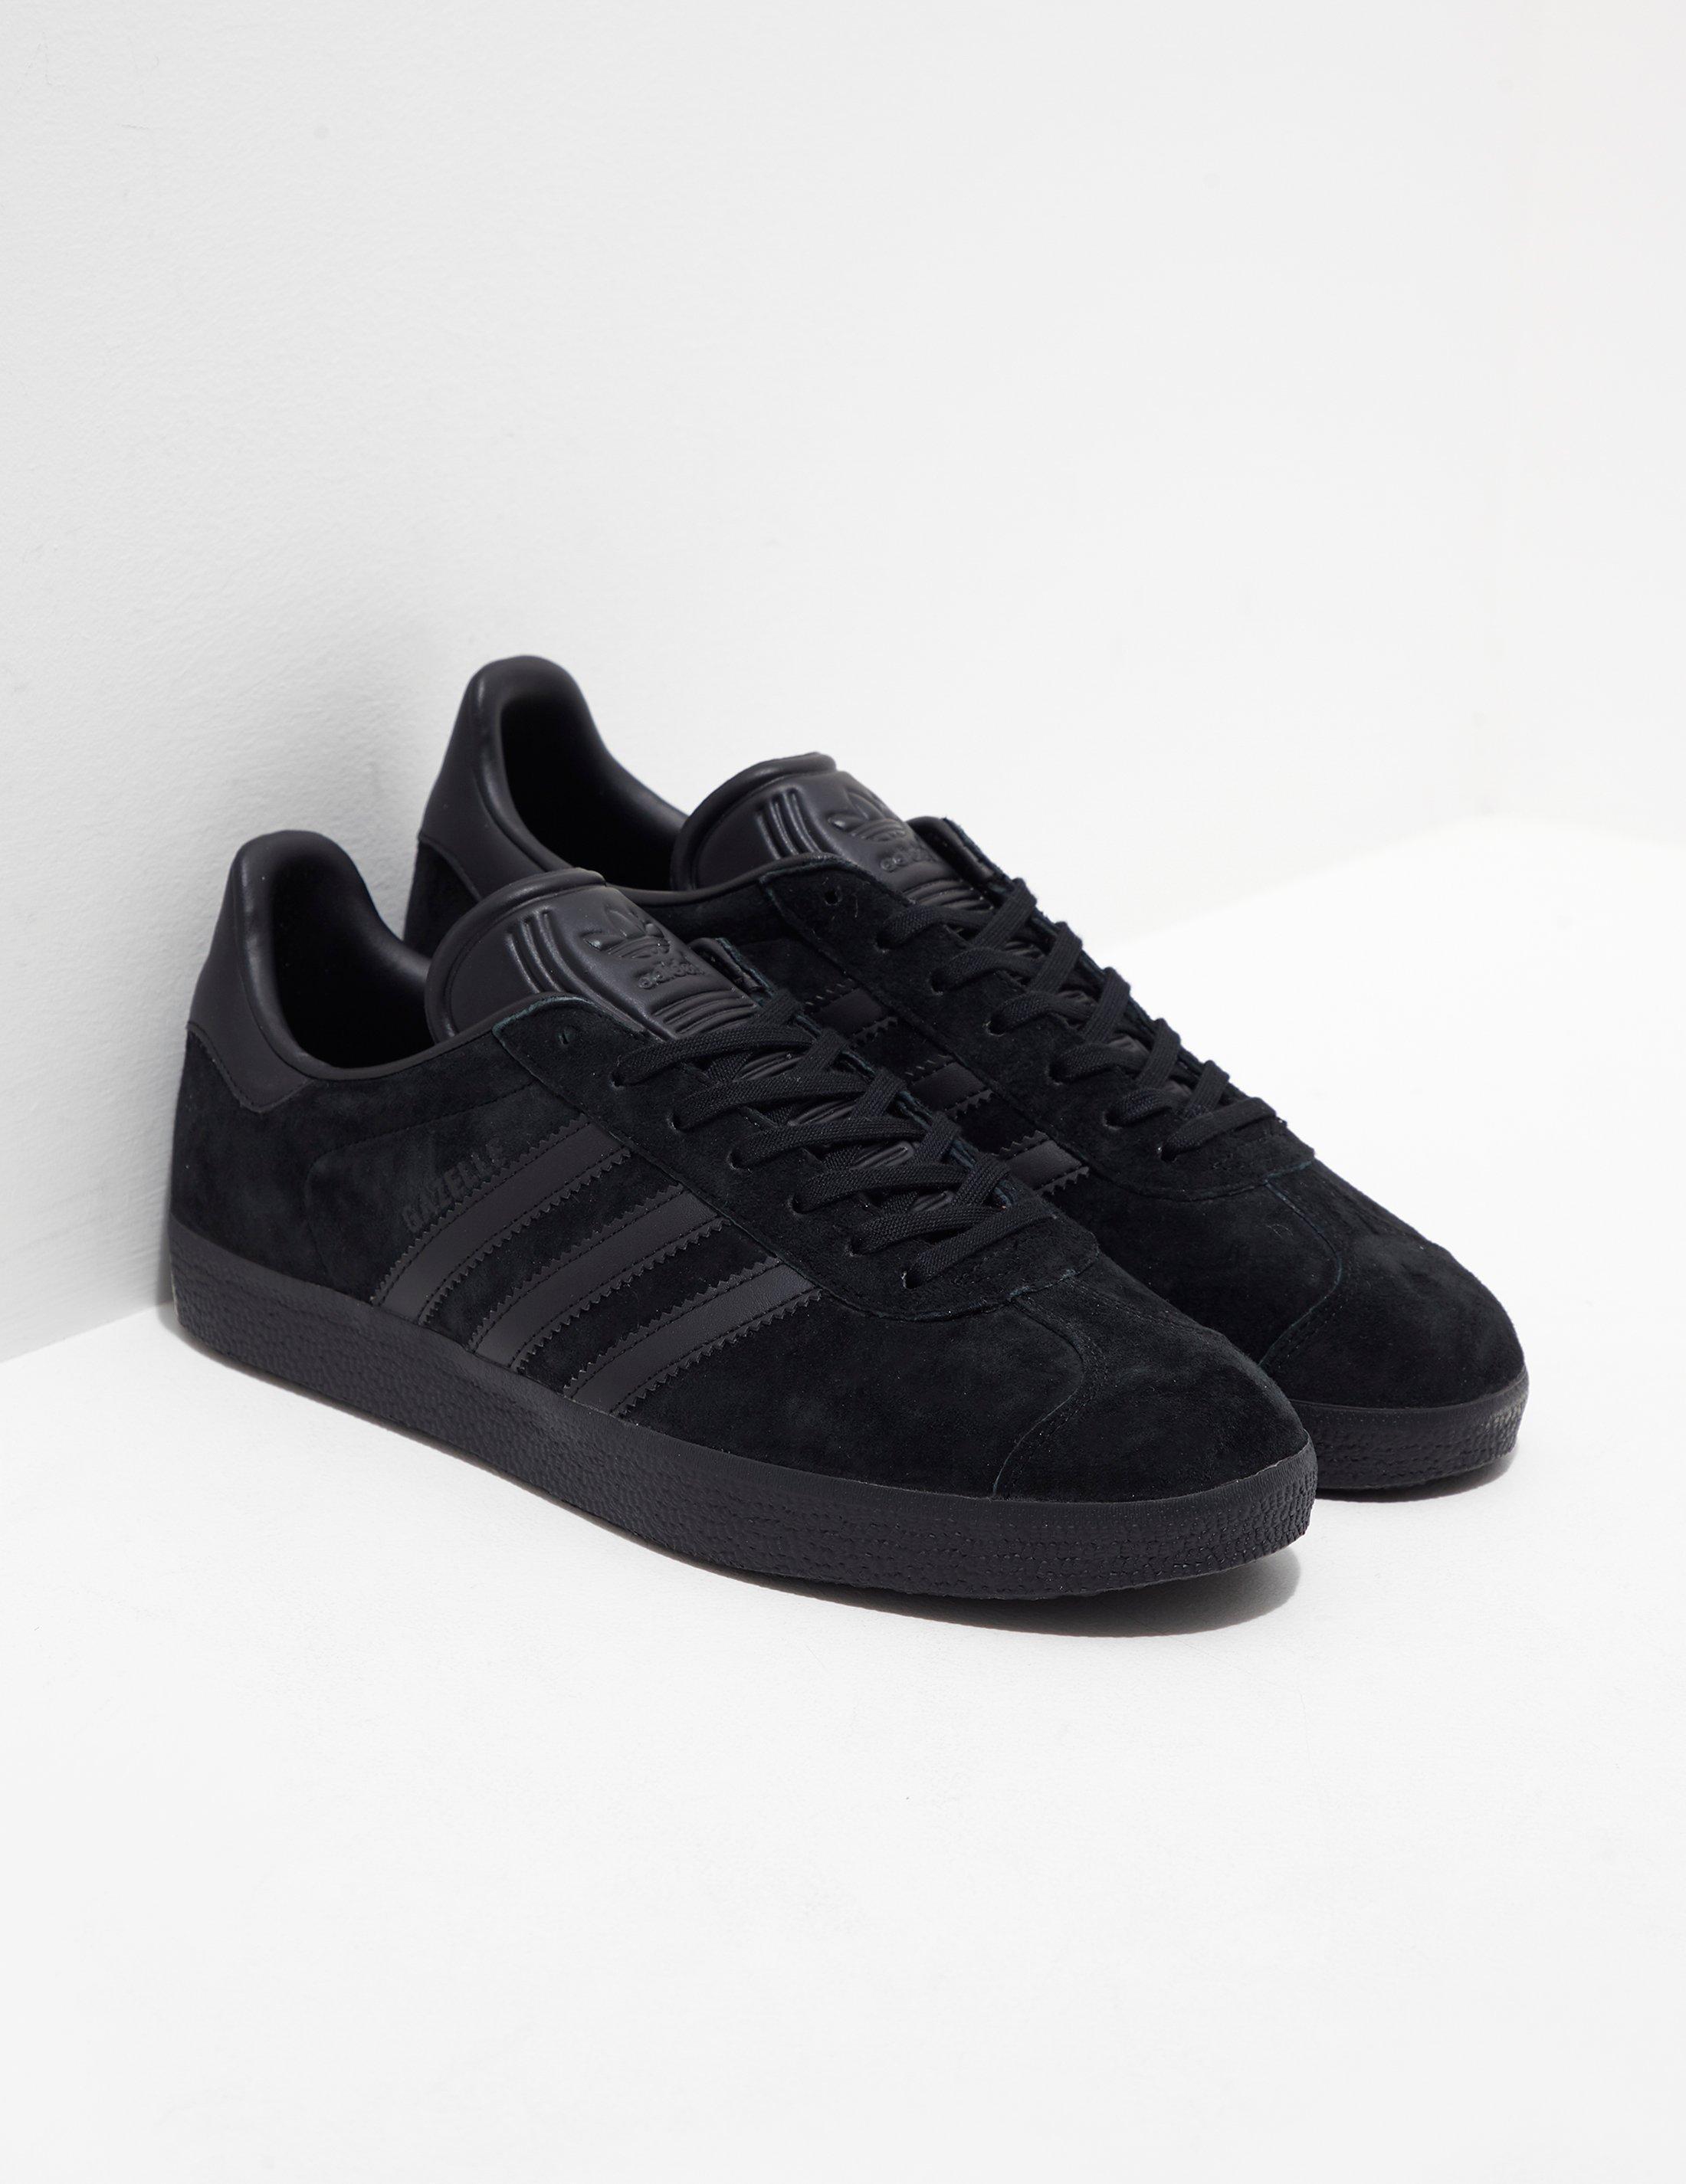 adidas originals gazelle all black